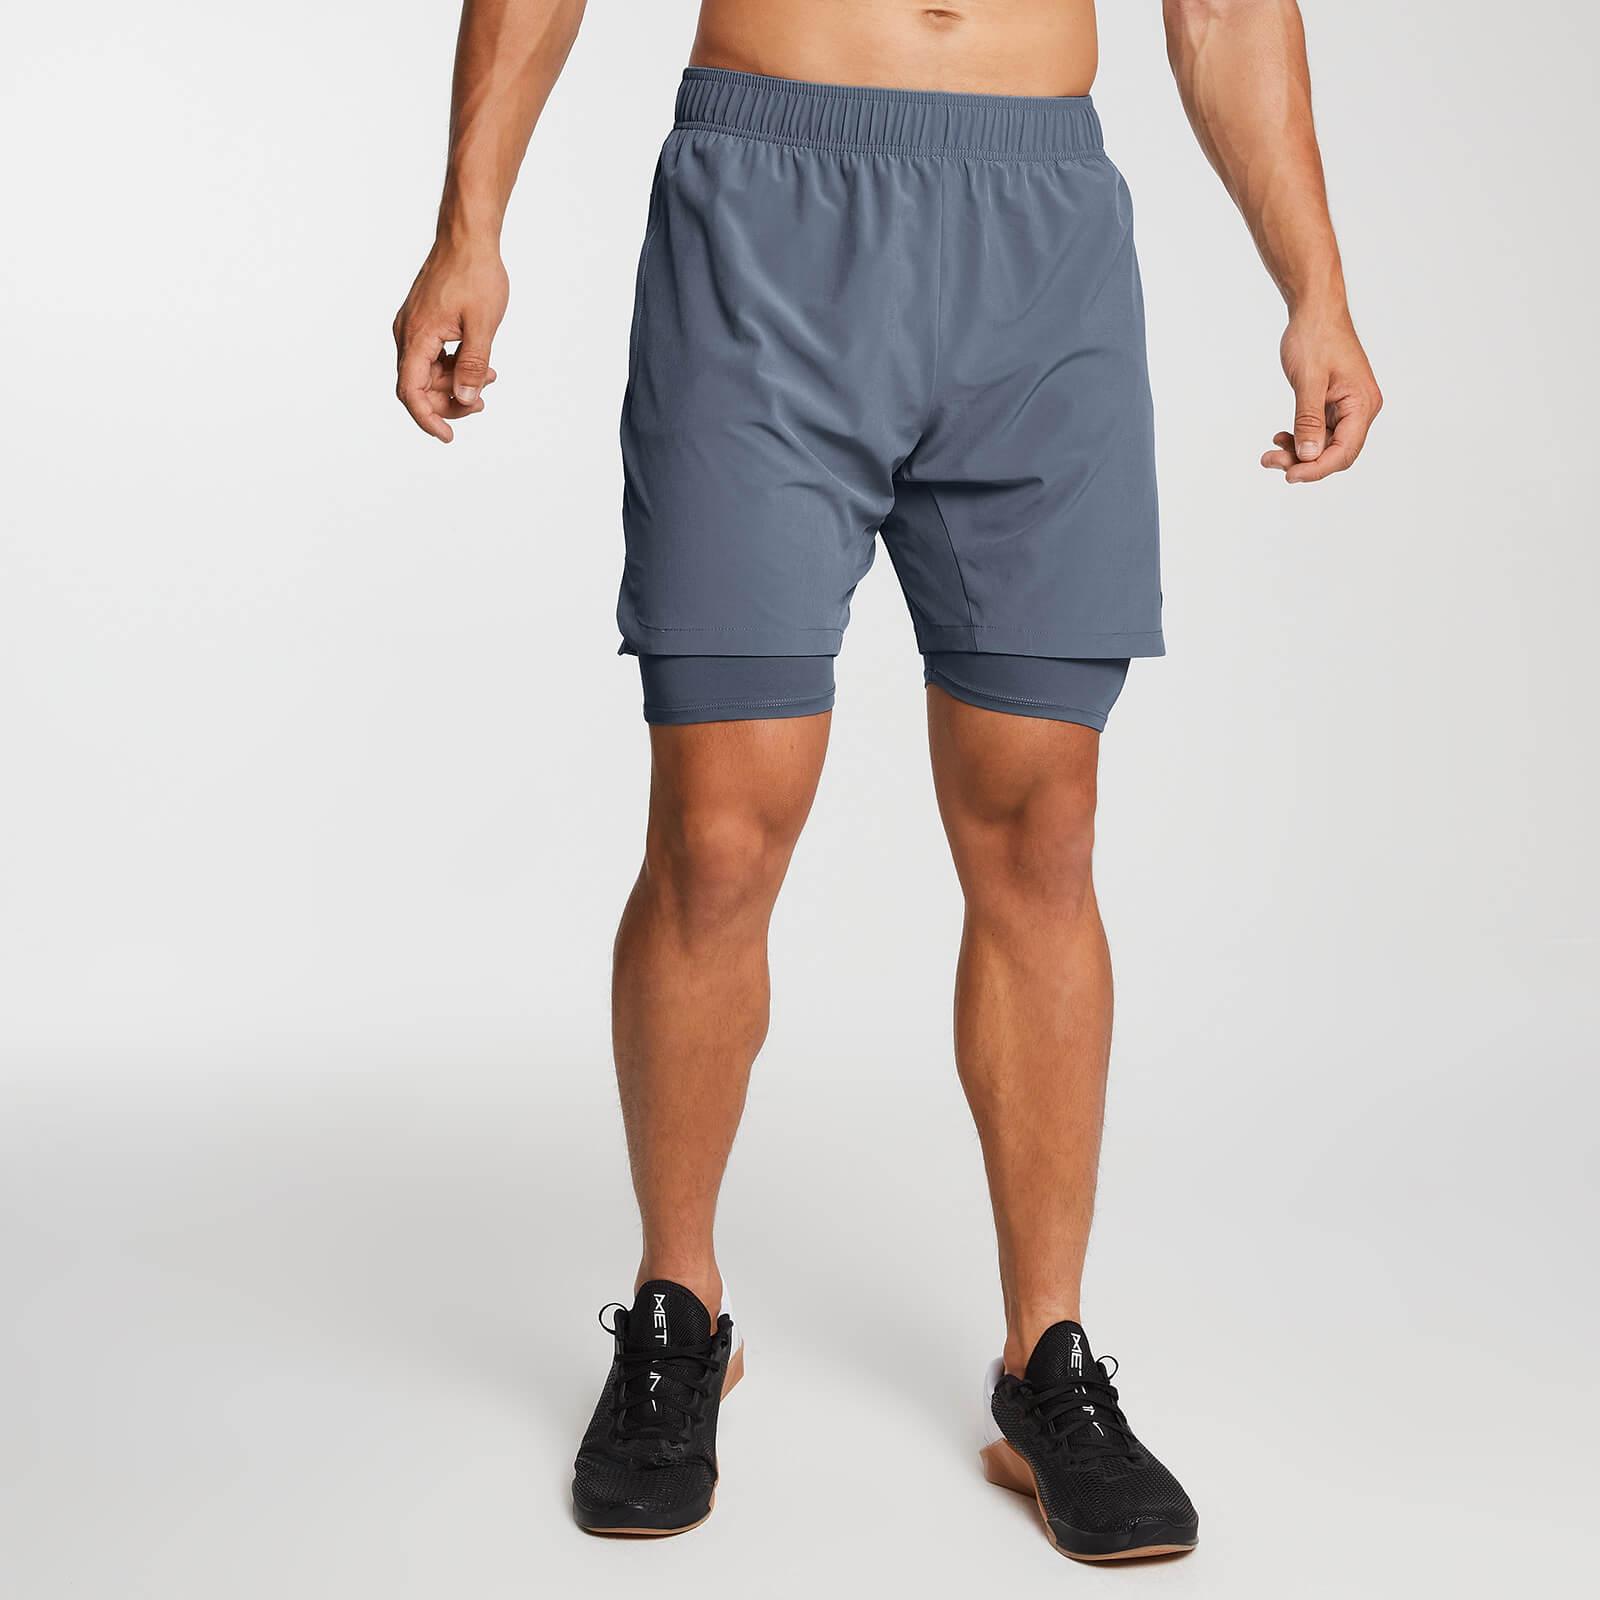 Gewebte 2-in-1 Essential Training Shorts - Galaxy - XXL